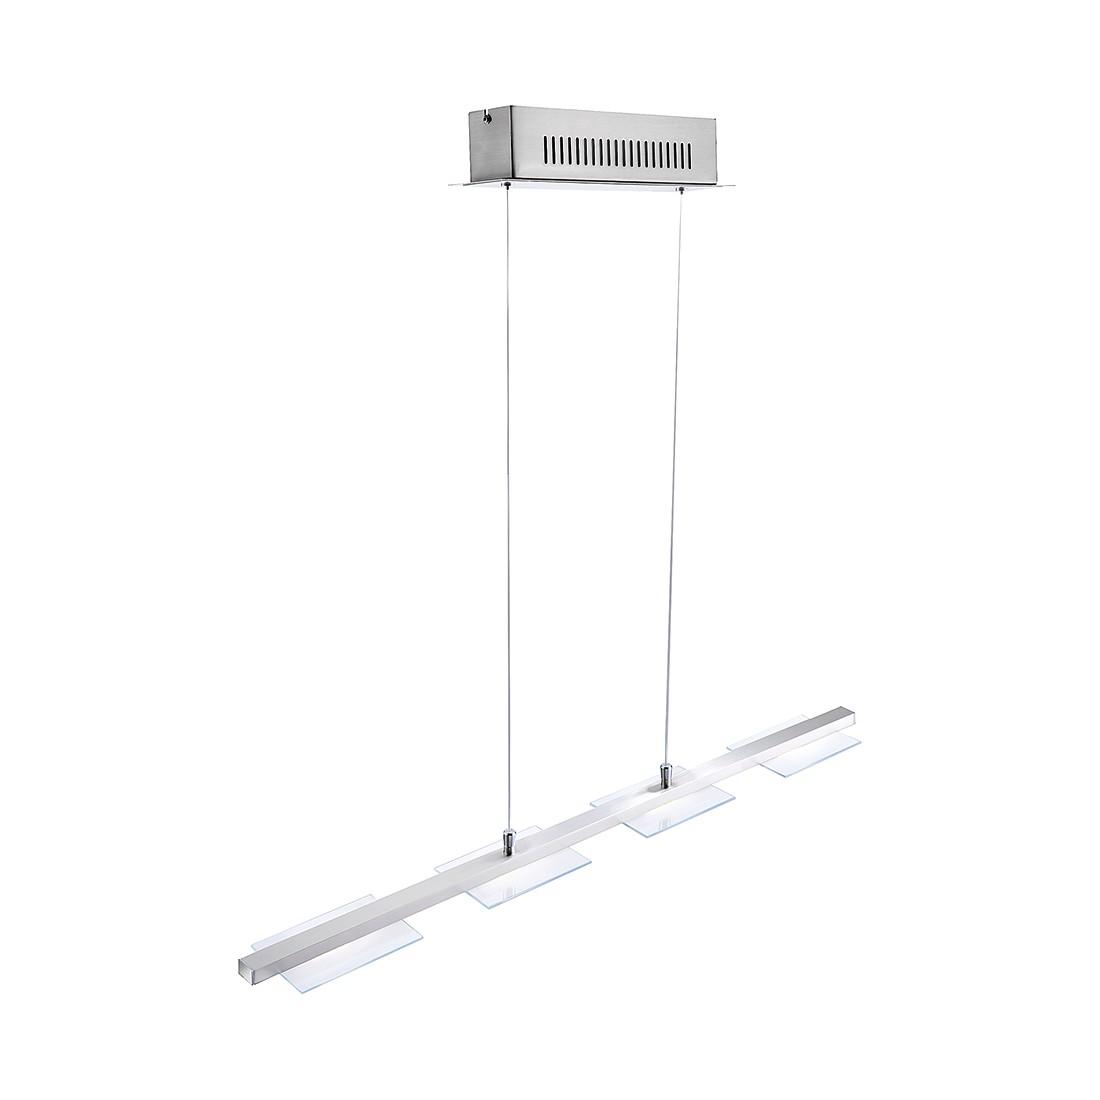 LED-Pendelleuchte Kamminke ● Nickel Matt ● Silber- FLI Leuchten A+